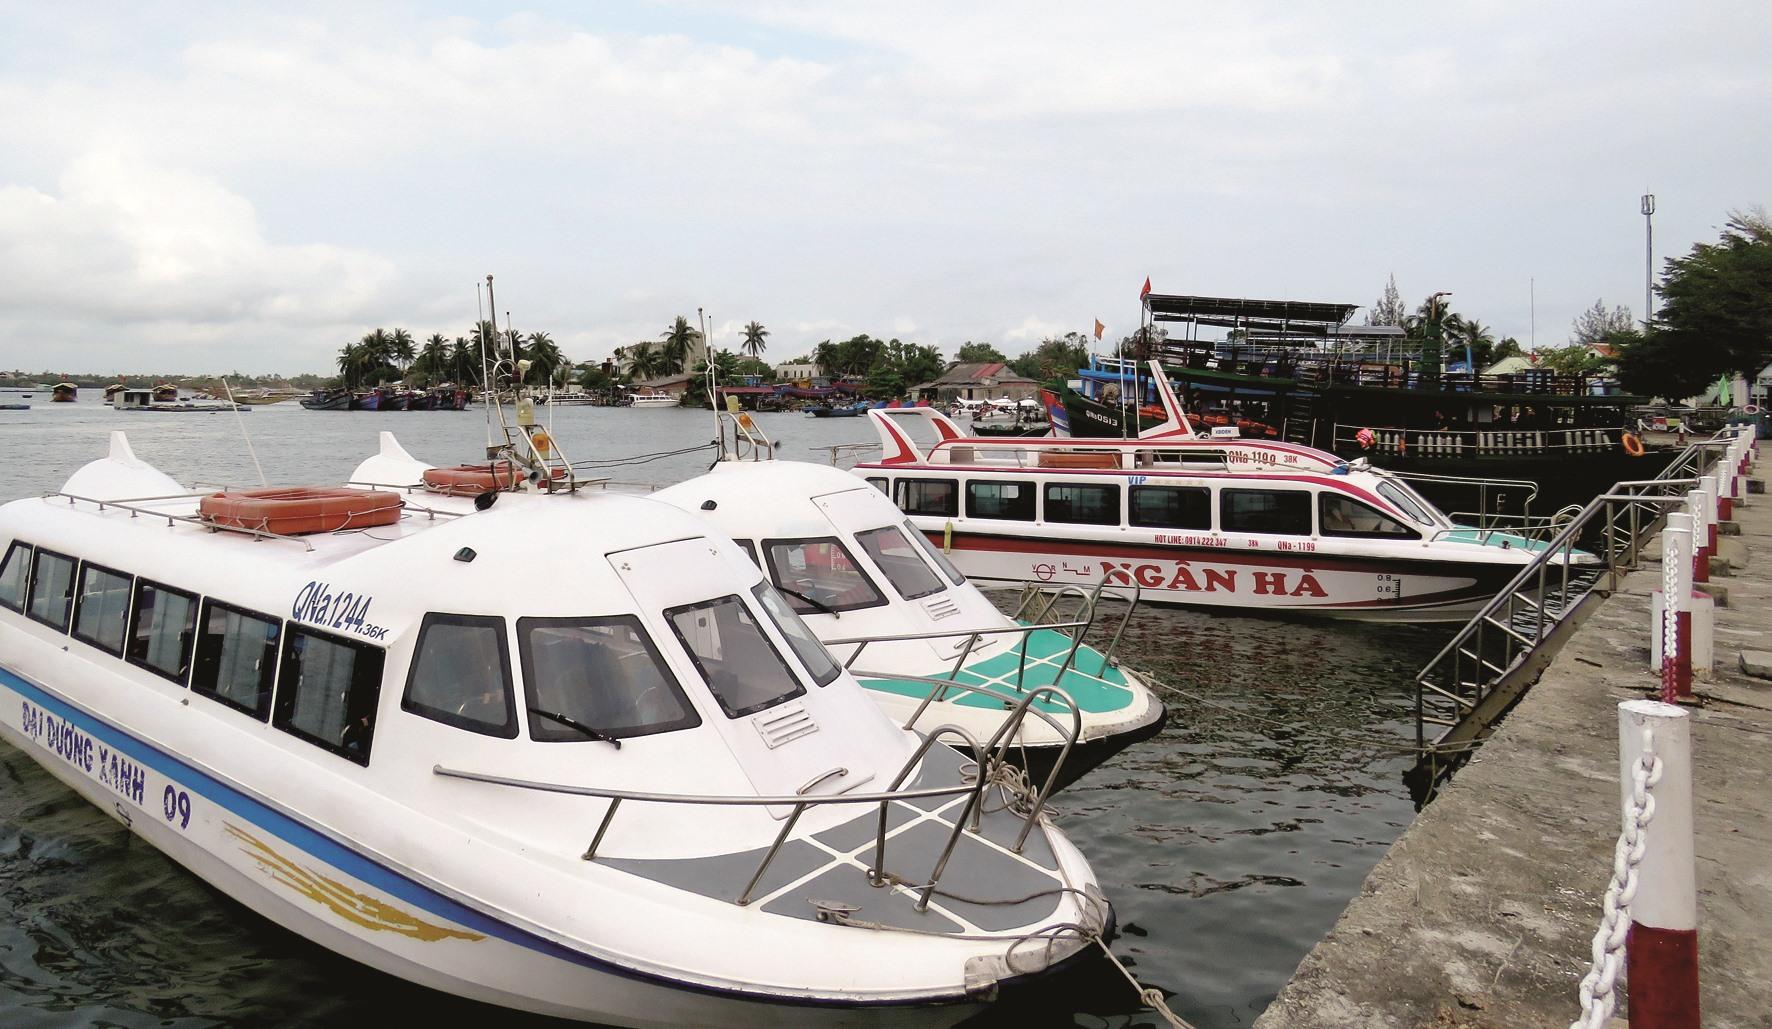 Lượng khách sụt giảm khiến tàu du lịch thất thu.Ảnh: T.V